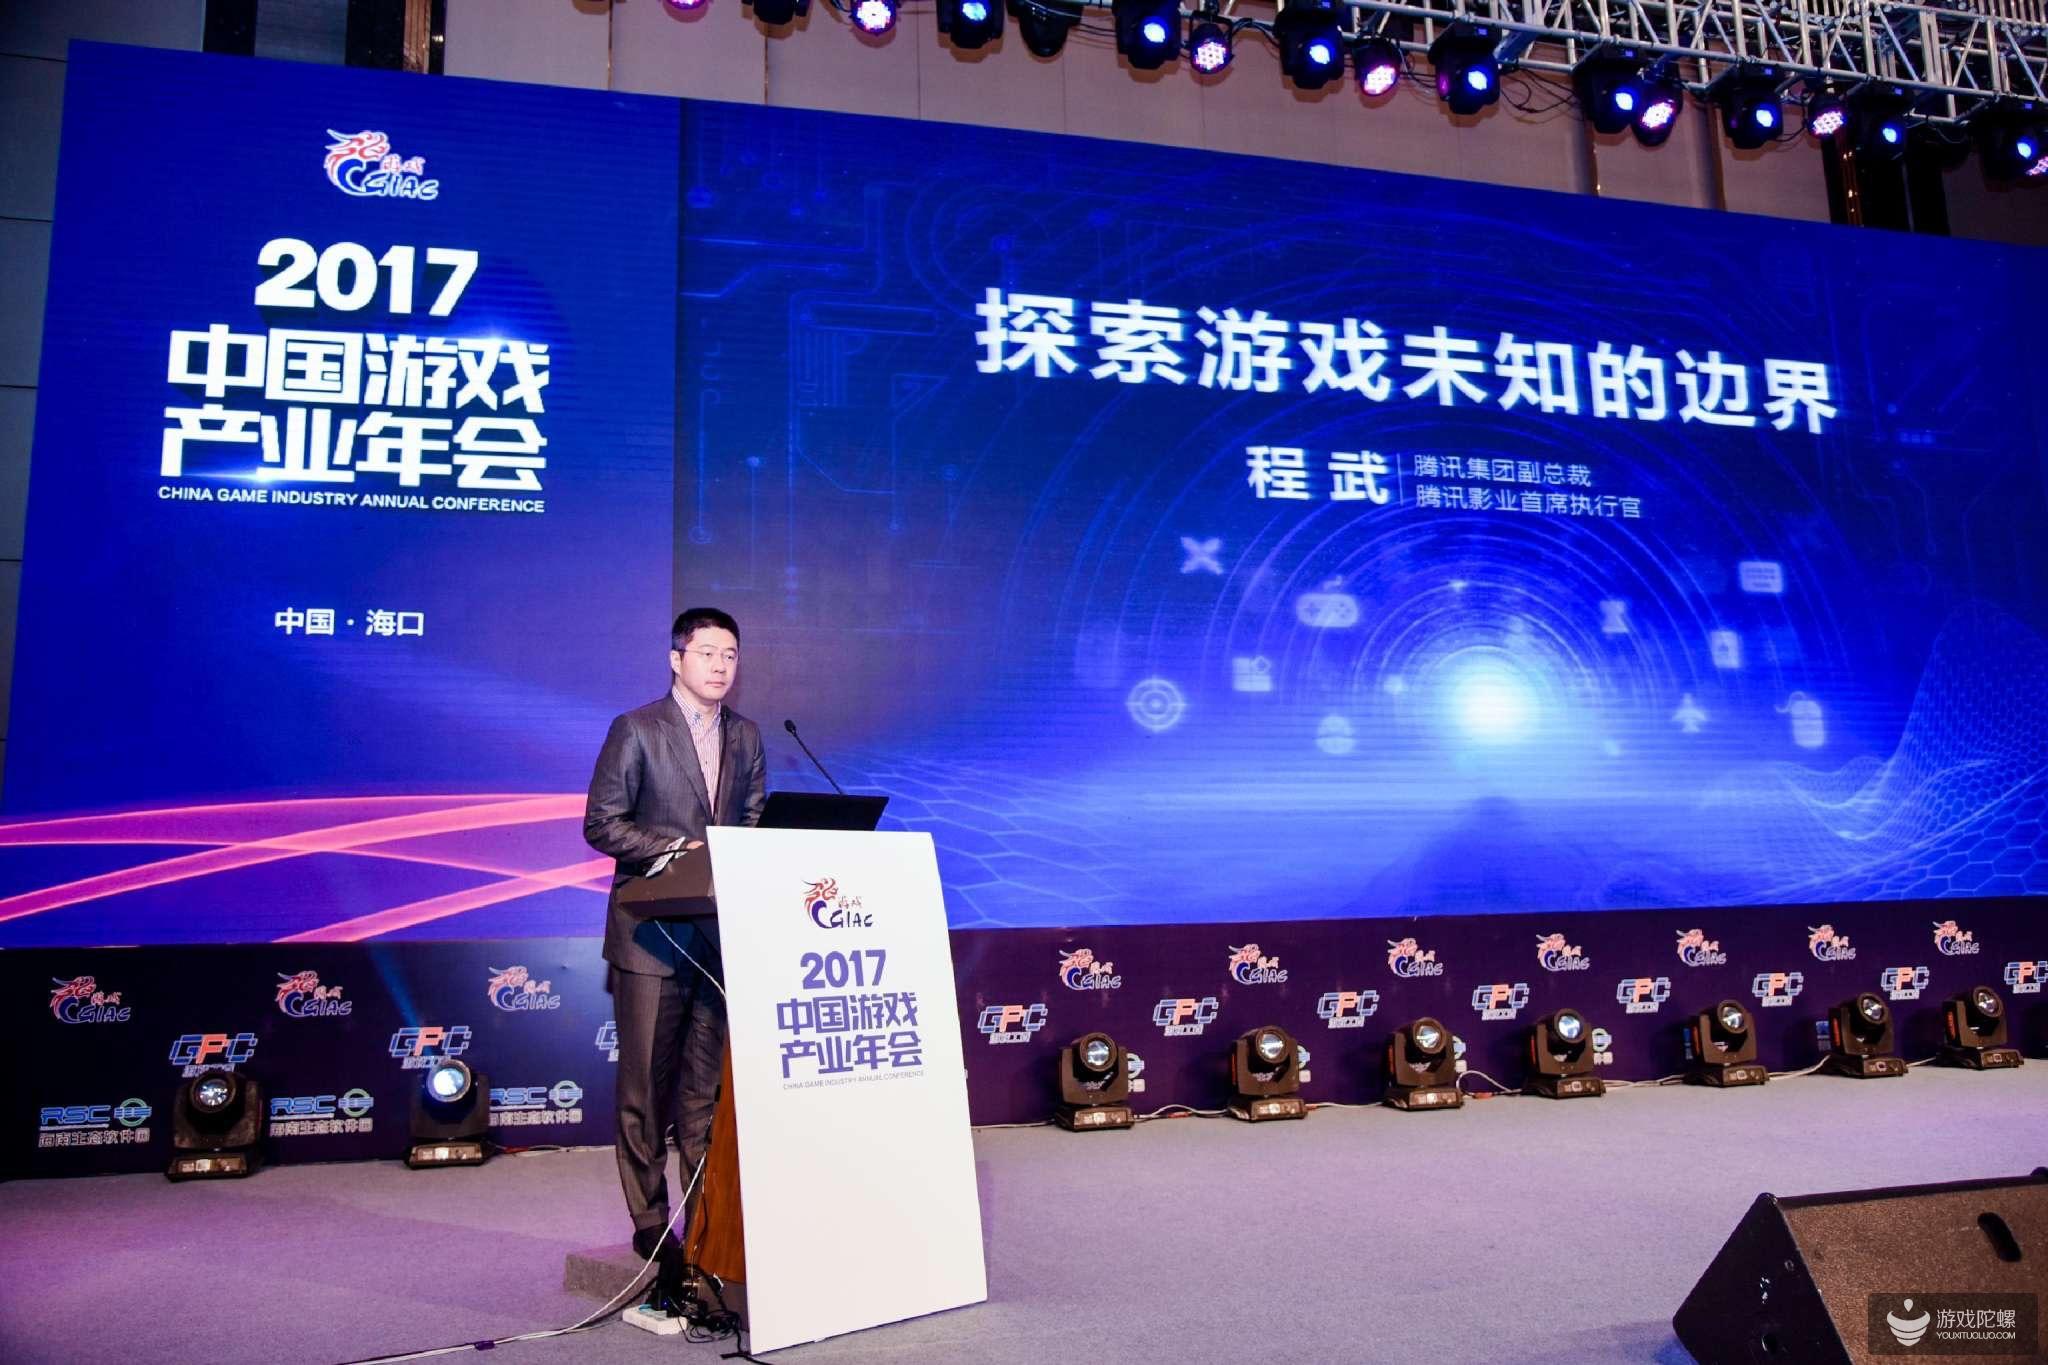 腾讯副总裁程武:尝试开拓游戏新的边界